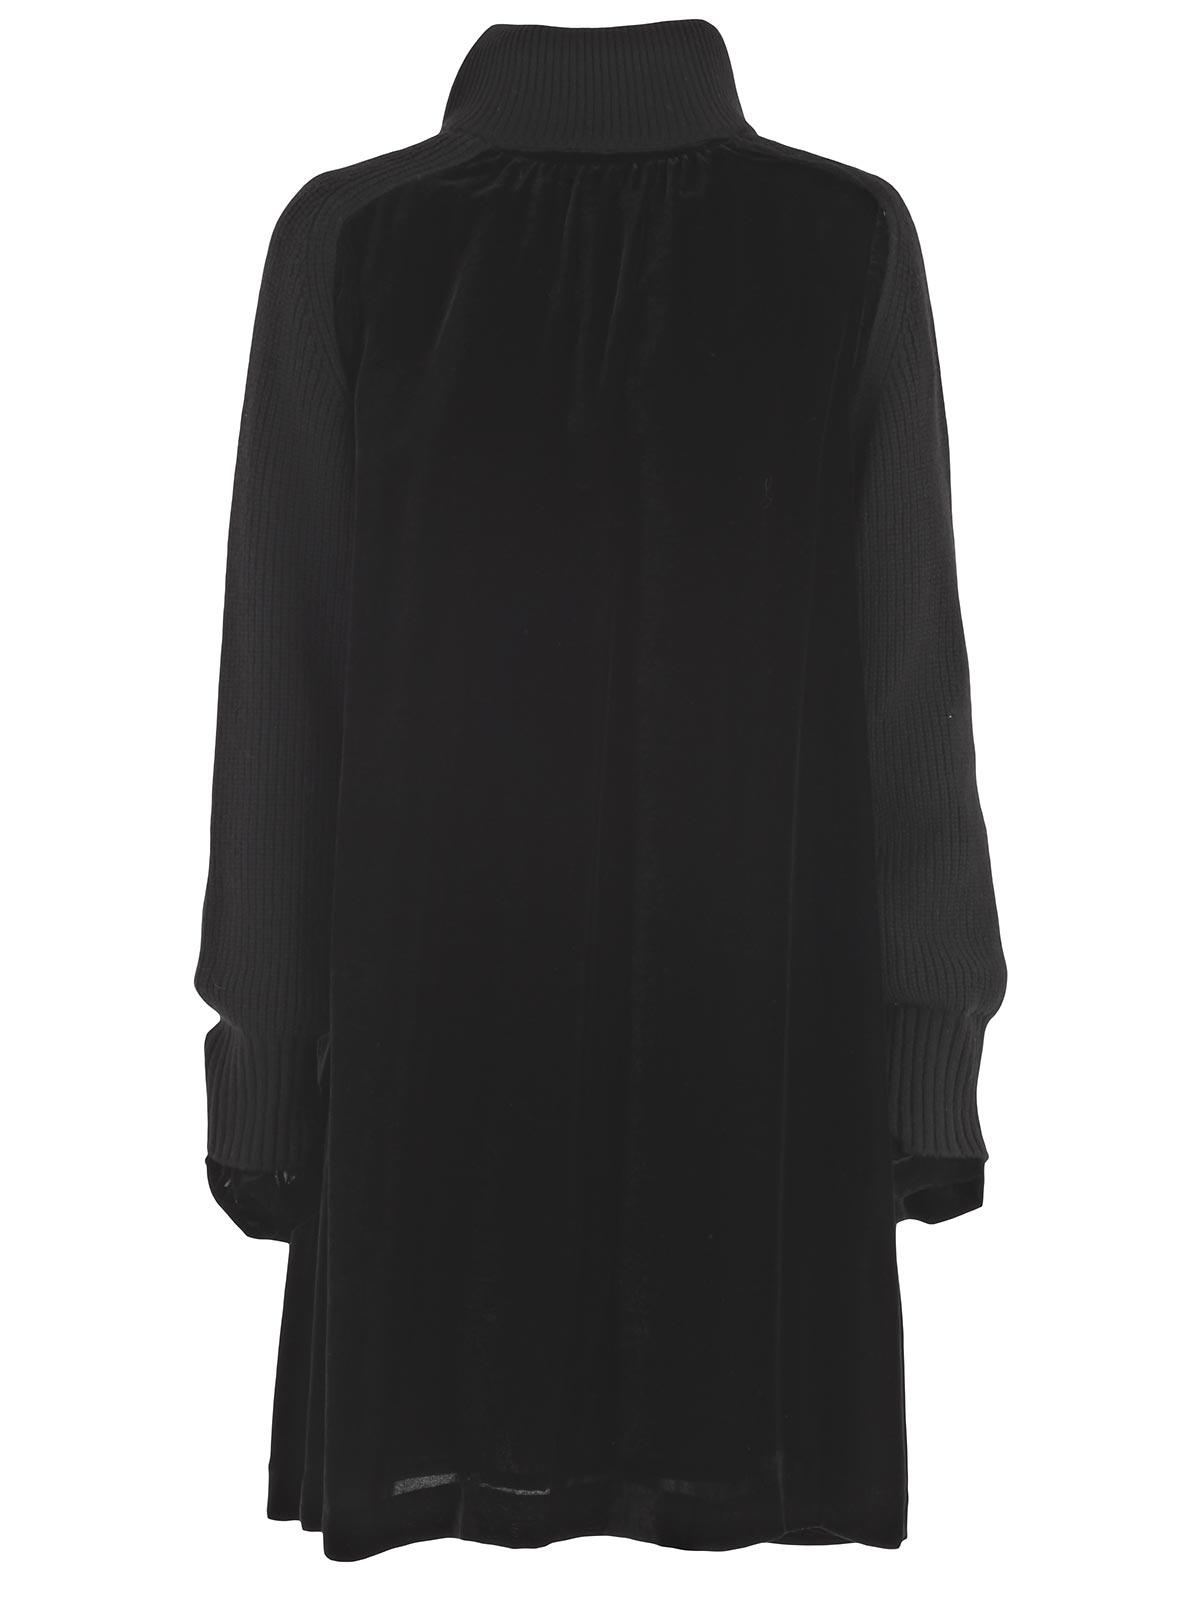 Picture of SACAI DRESS ABITO VELLUTO - MANICHE A COSTE